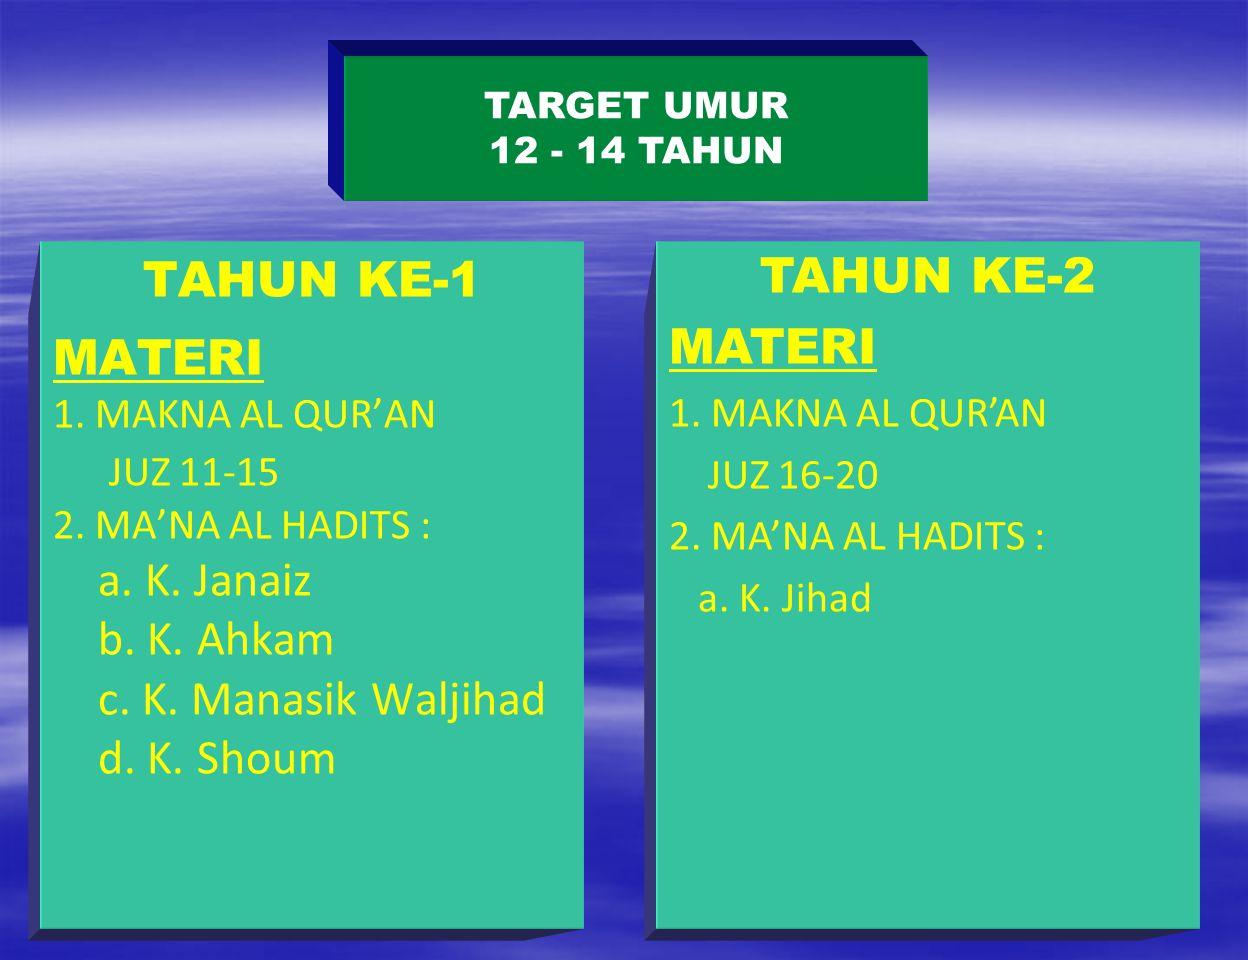 TAHUN KE-1 TAHUN KE-2 MATERI MATERI JUZ 11-15 a. K. Janaiz b. K. Ahkam